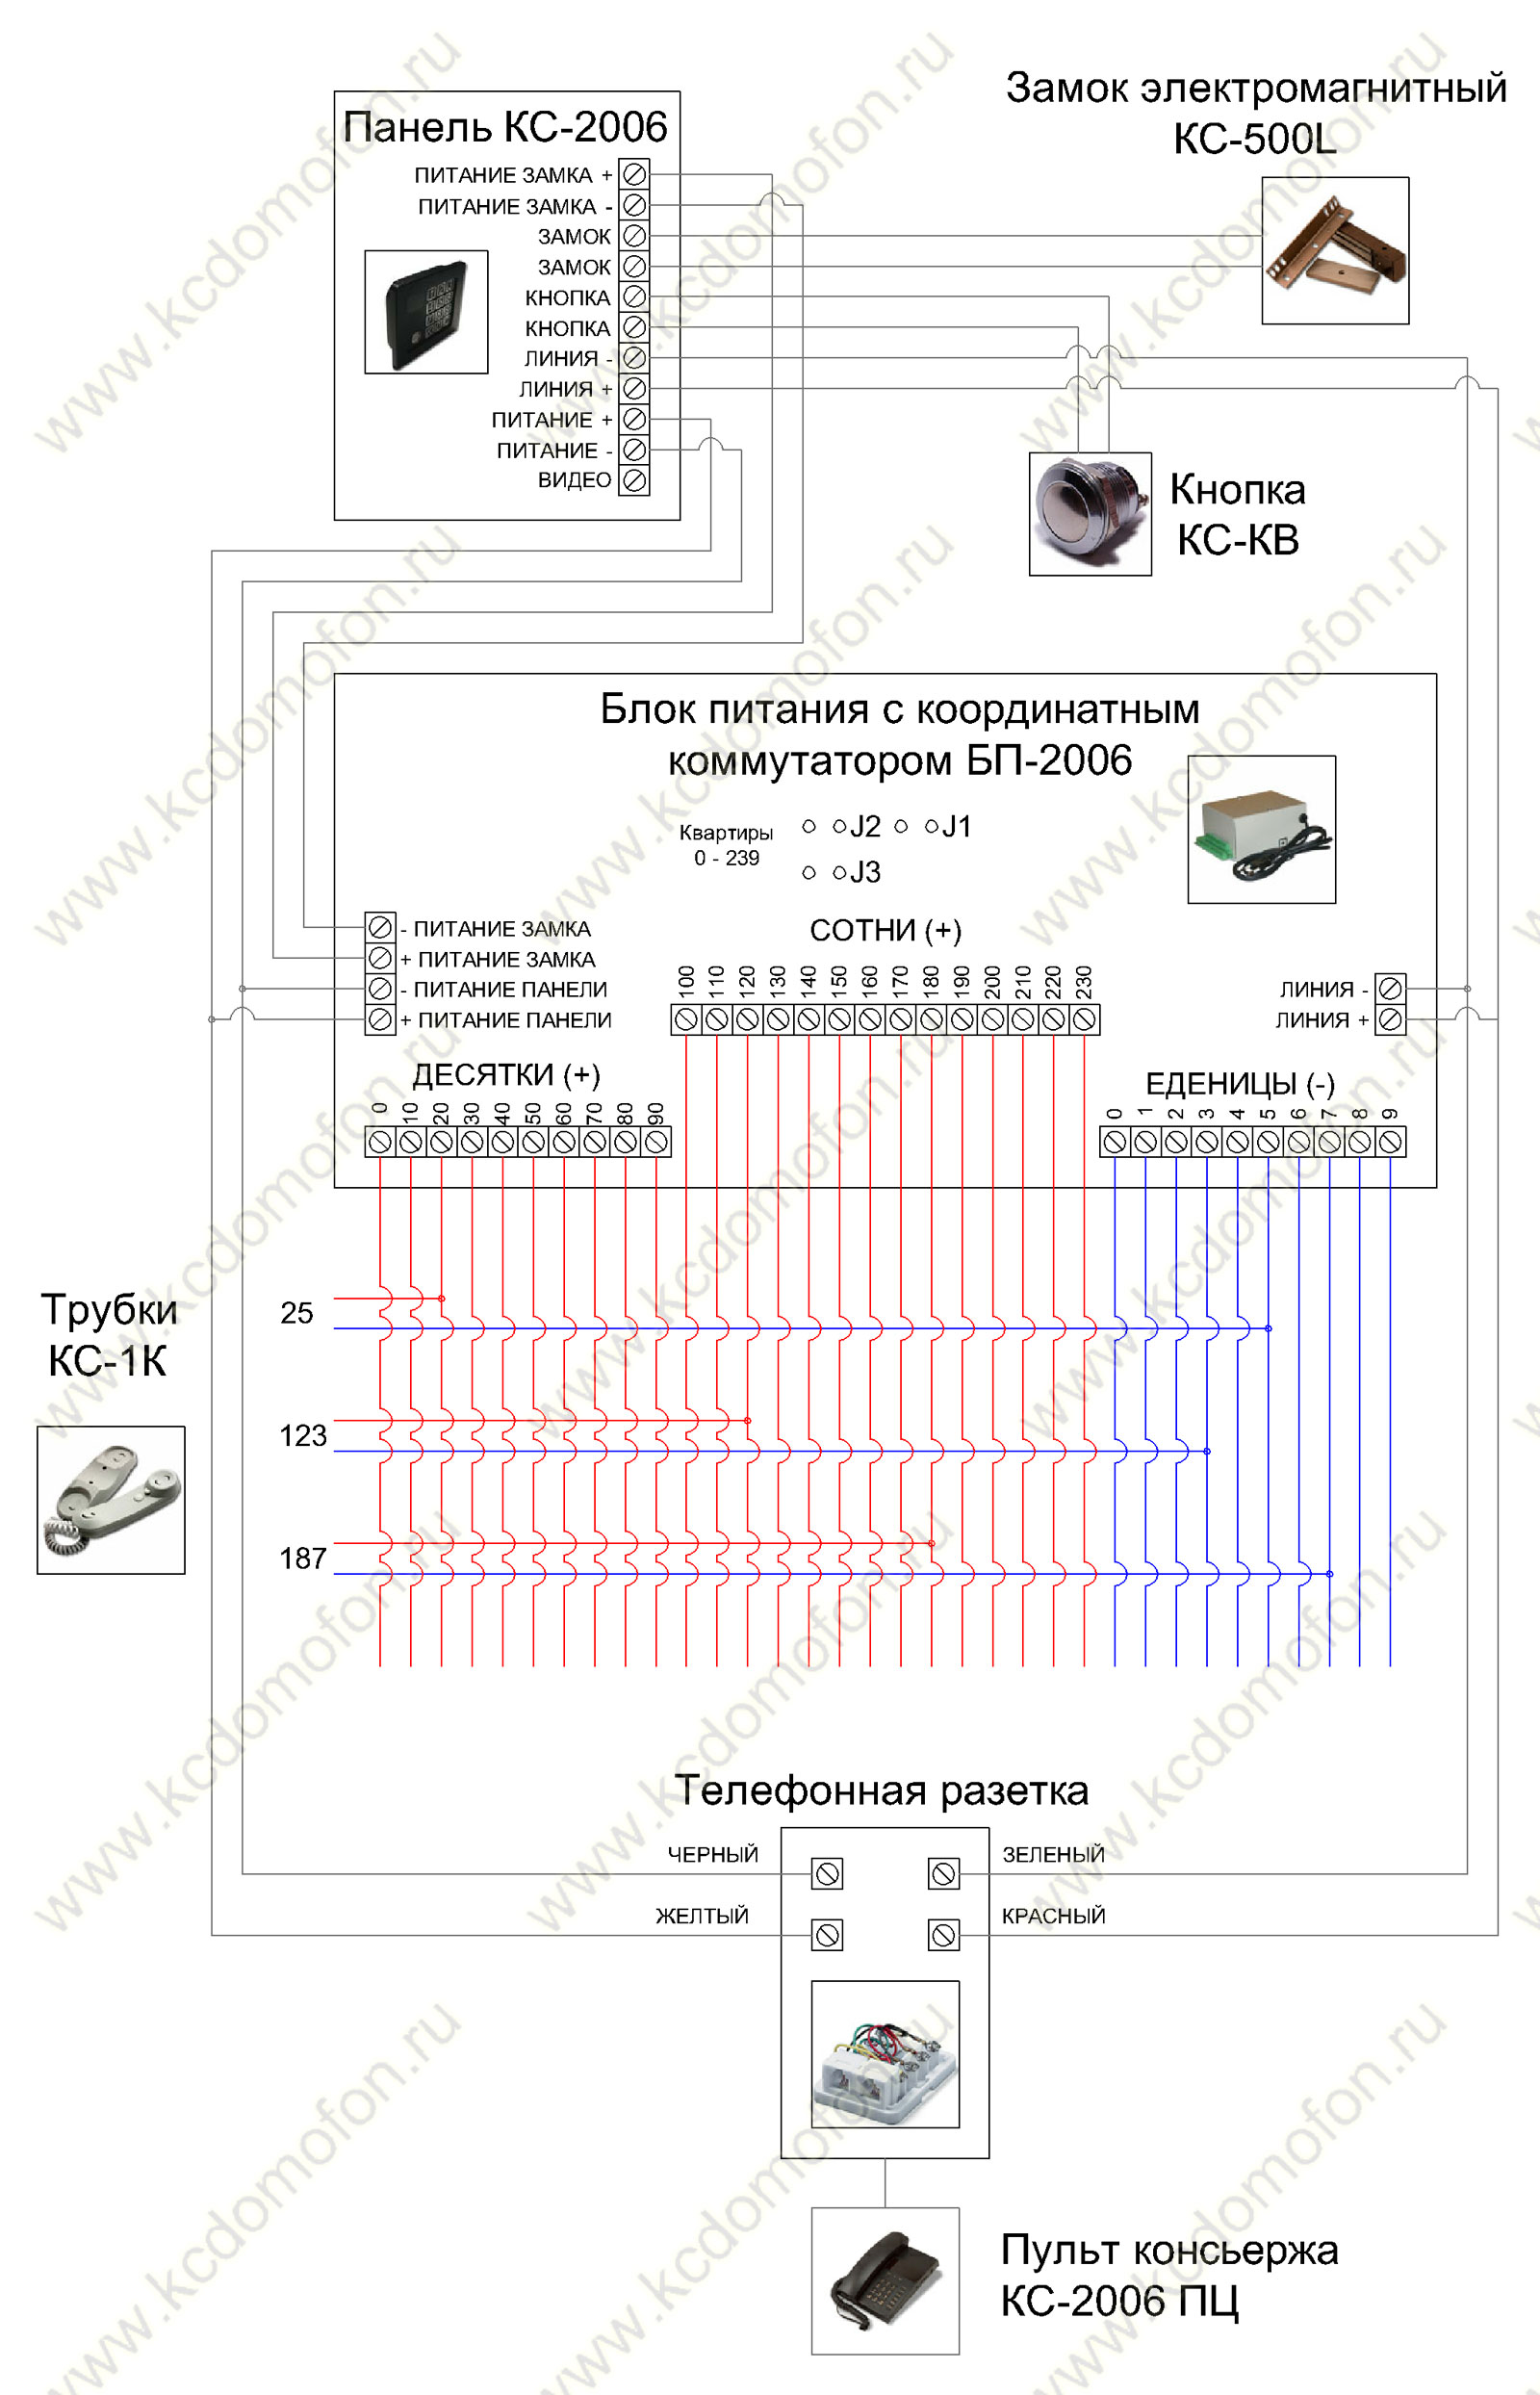 Цифрал схема блока питание